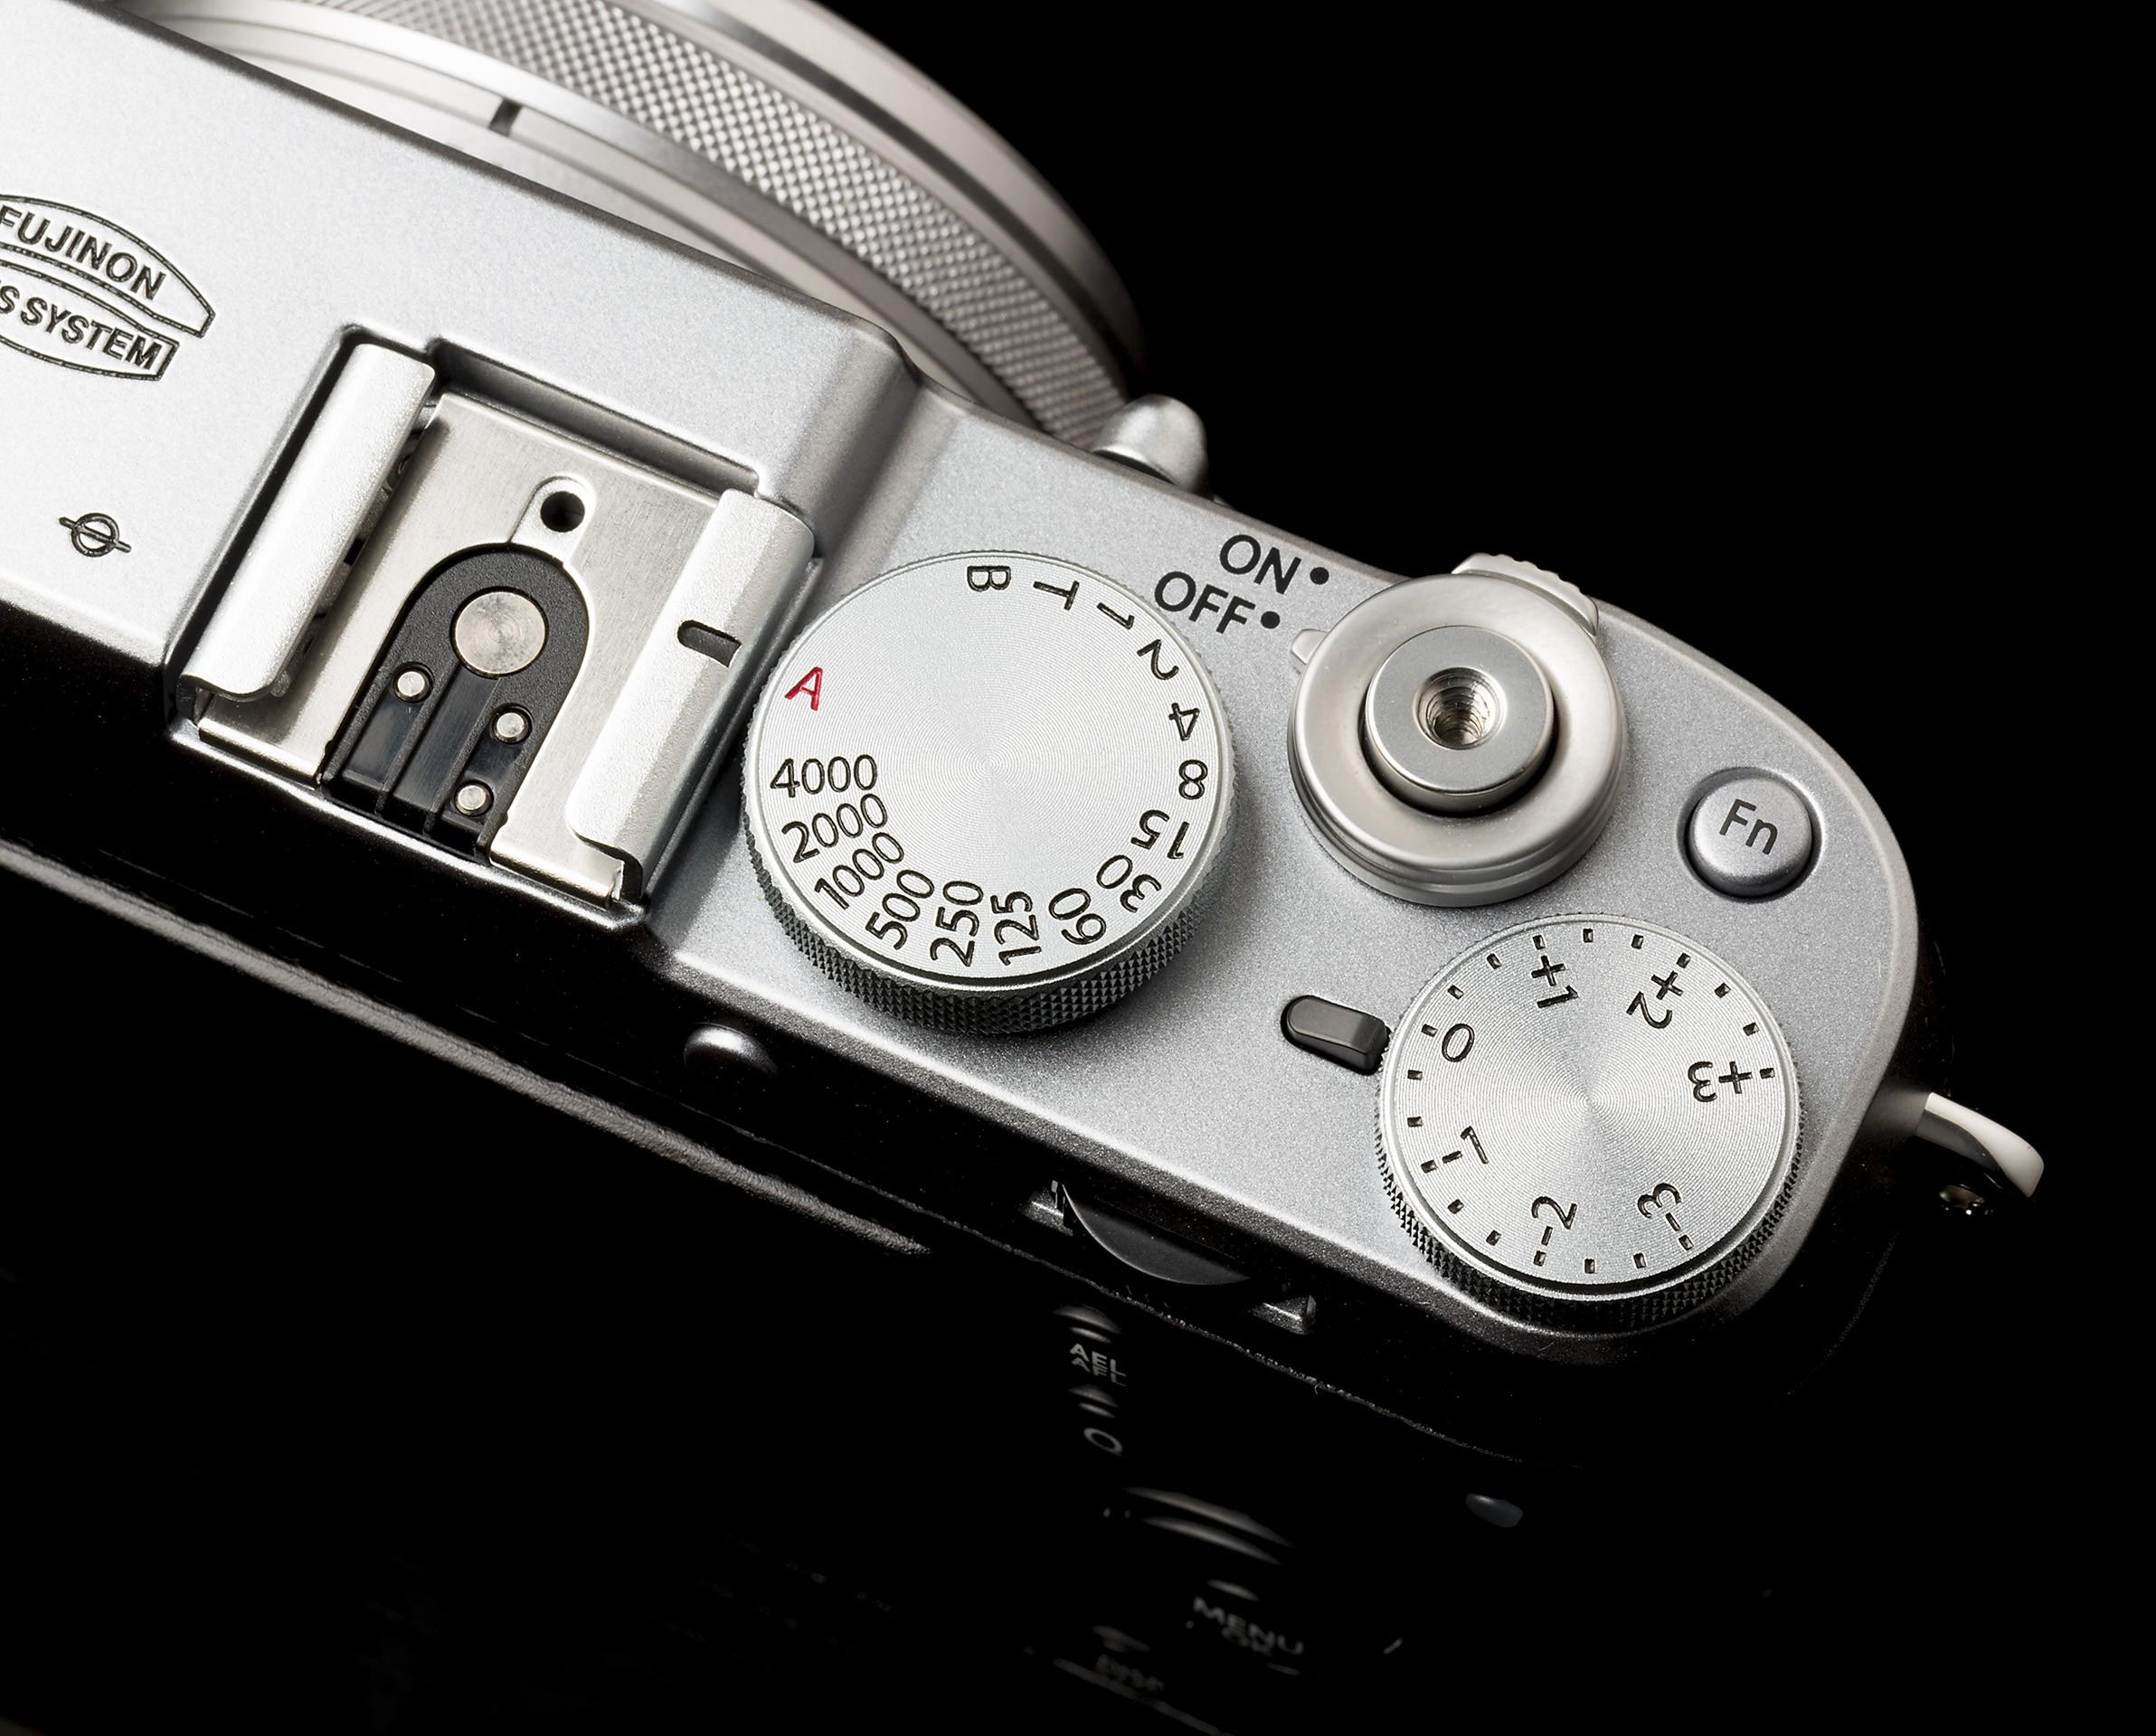 Fujifilm finepix x100t test complet appareil photo for Prix appareil photo fujifilm finepix s5700